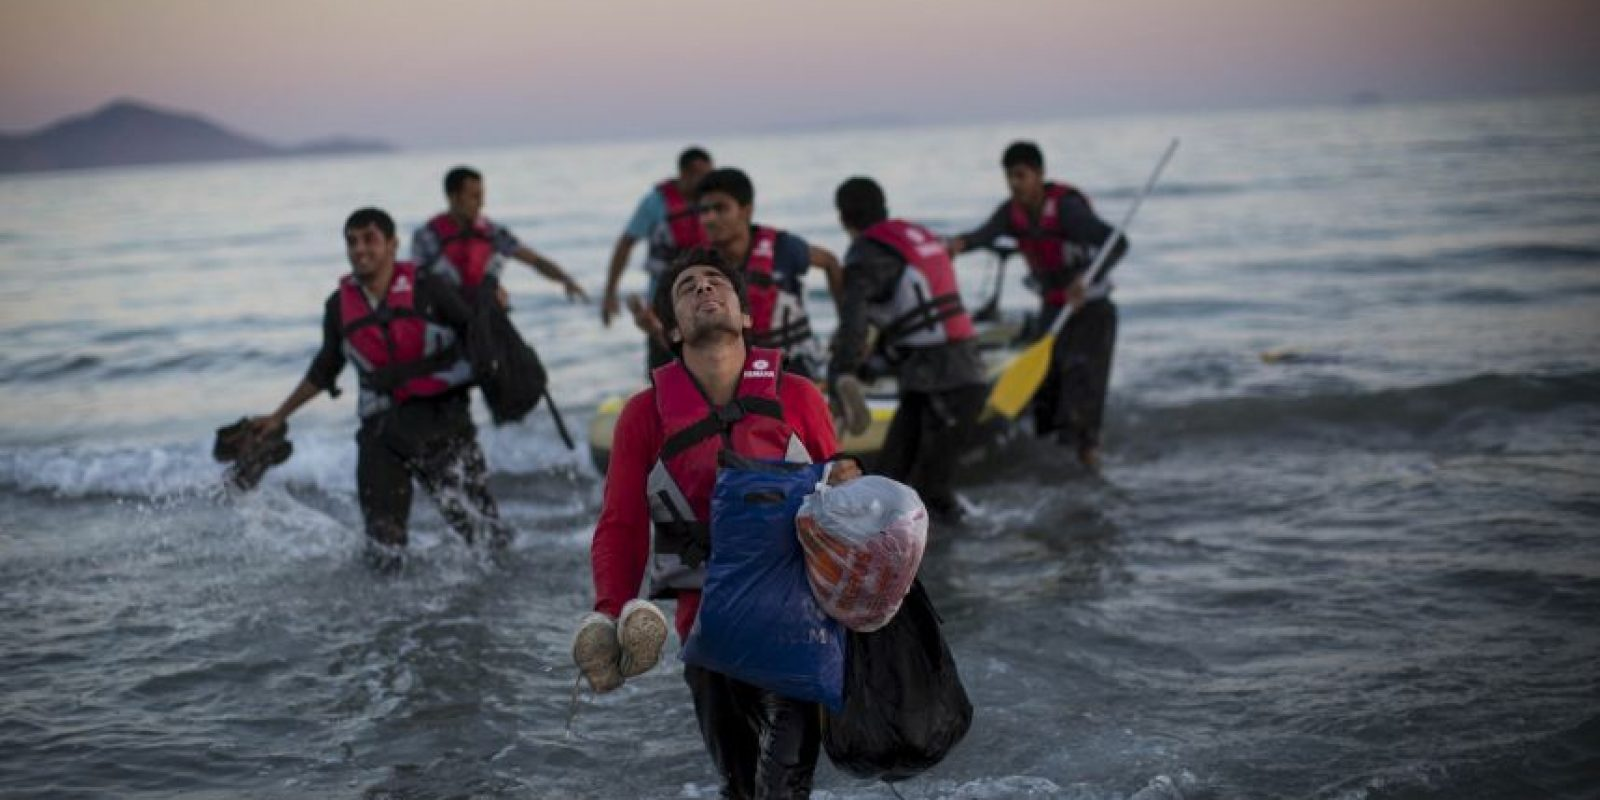 Además de que Europa debe proveer rutas legales y seguras a los refugiados que quieran llegar a los países de la Unión Europea. Foto:Getty Images